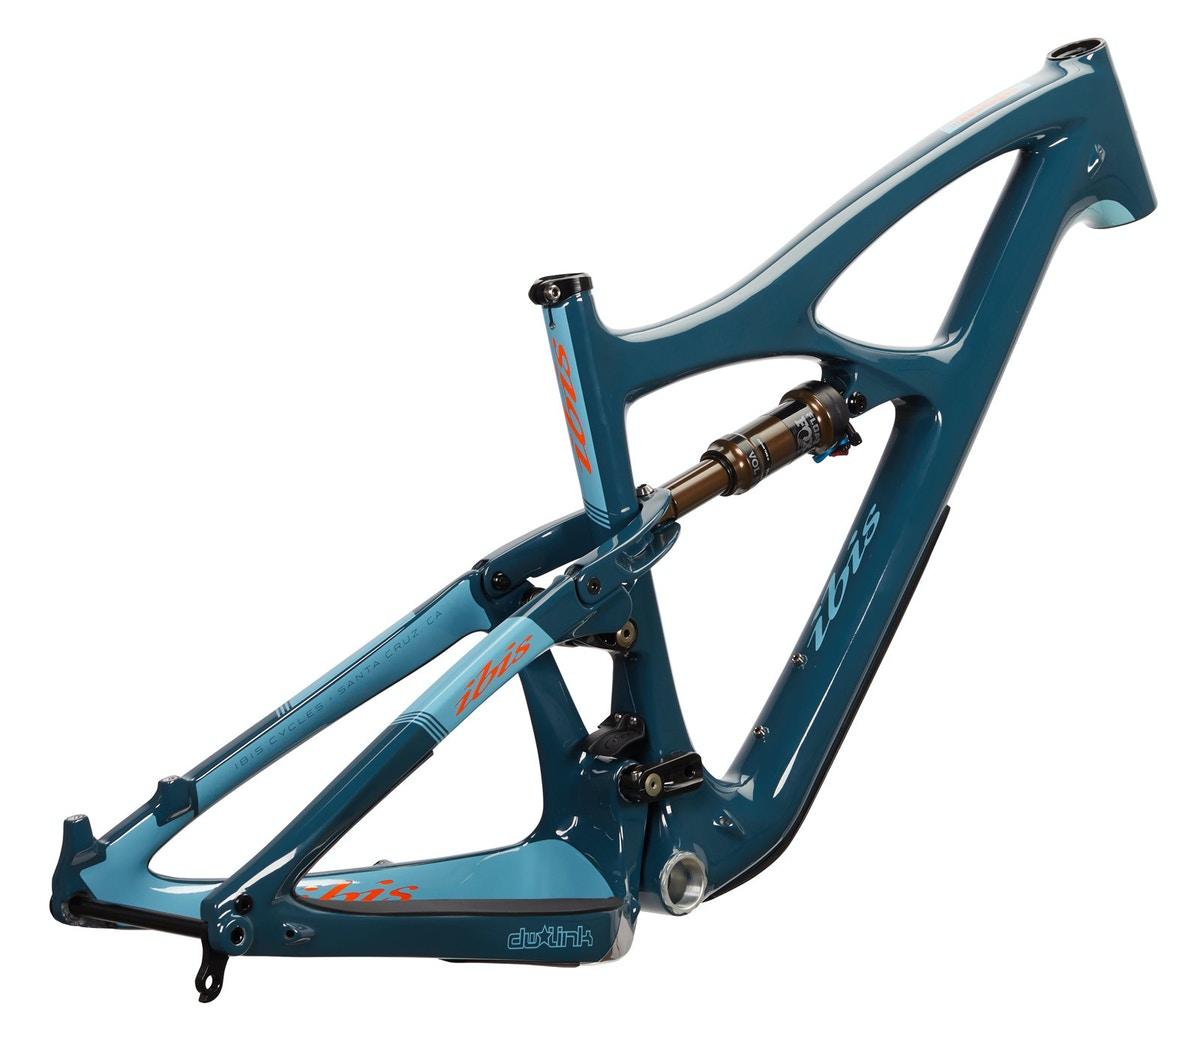 Ibis Mojo 4 frame in Blue Dream